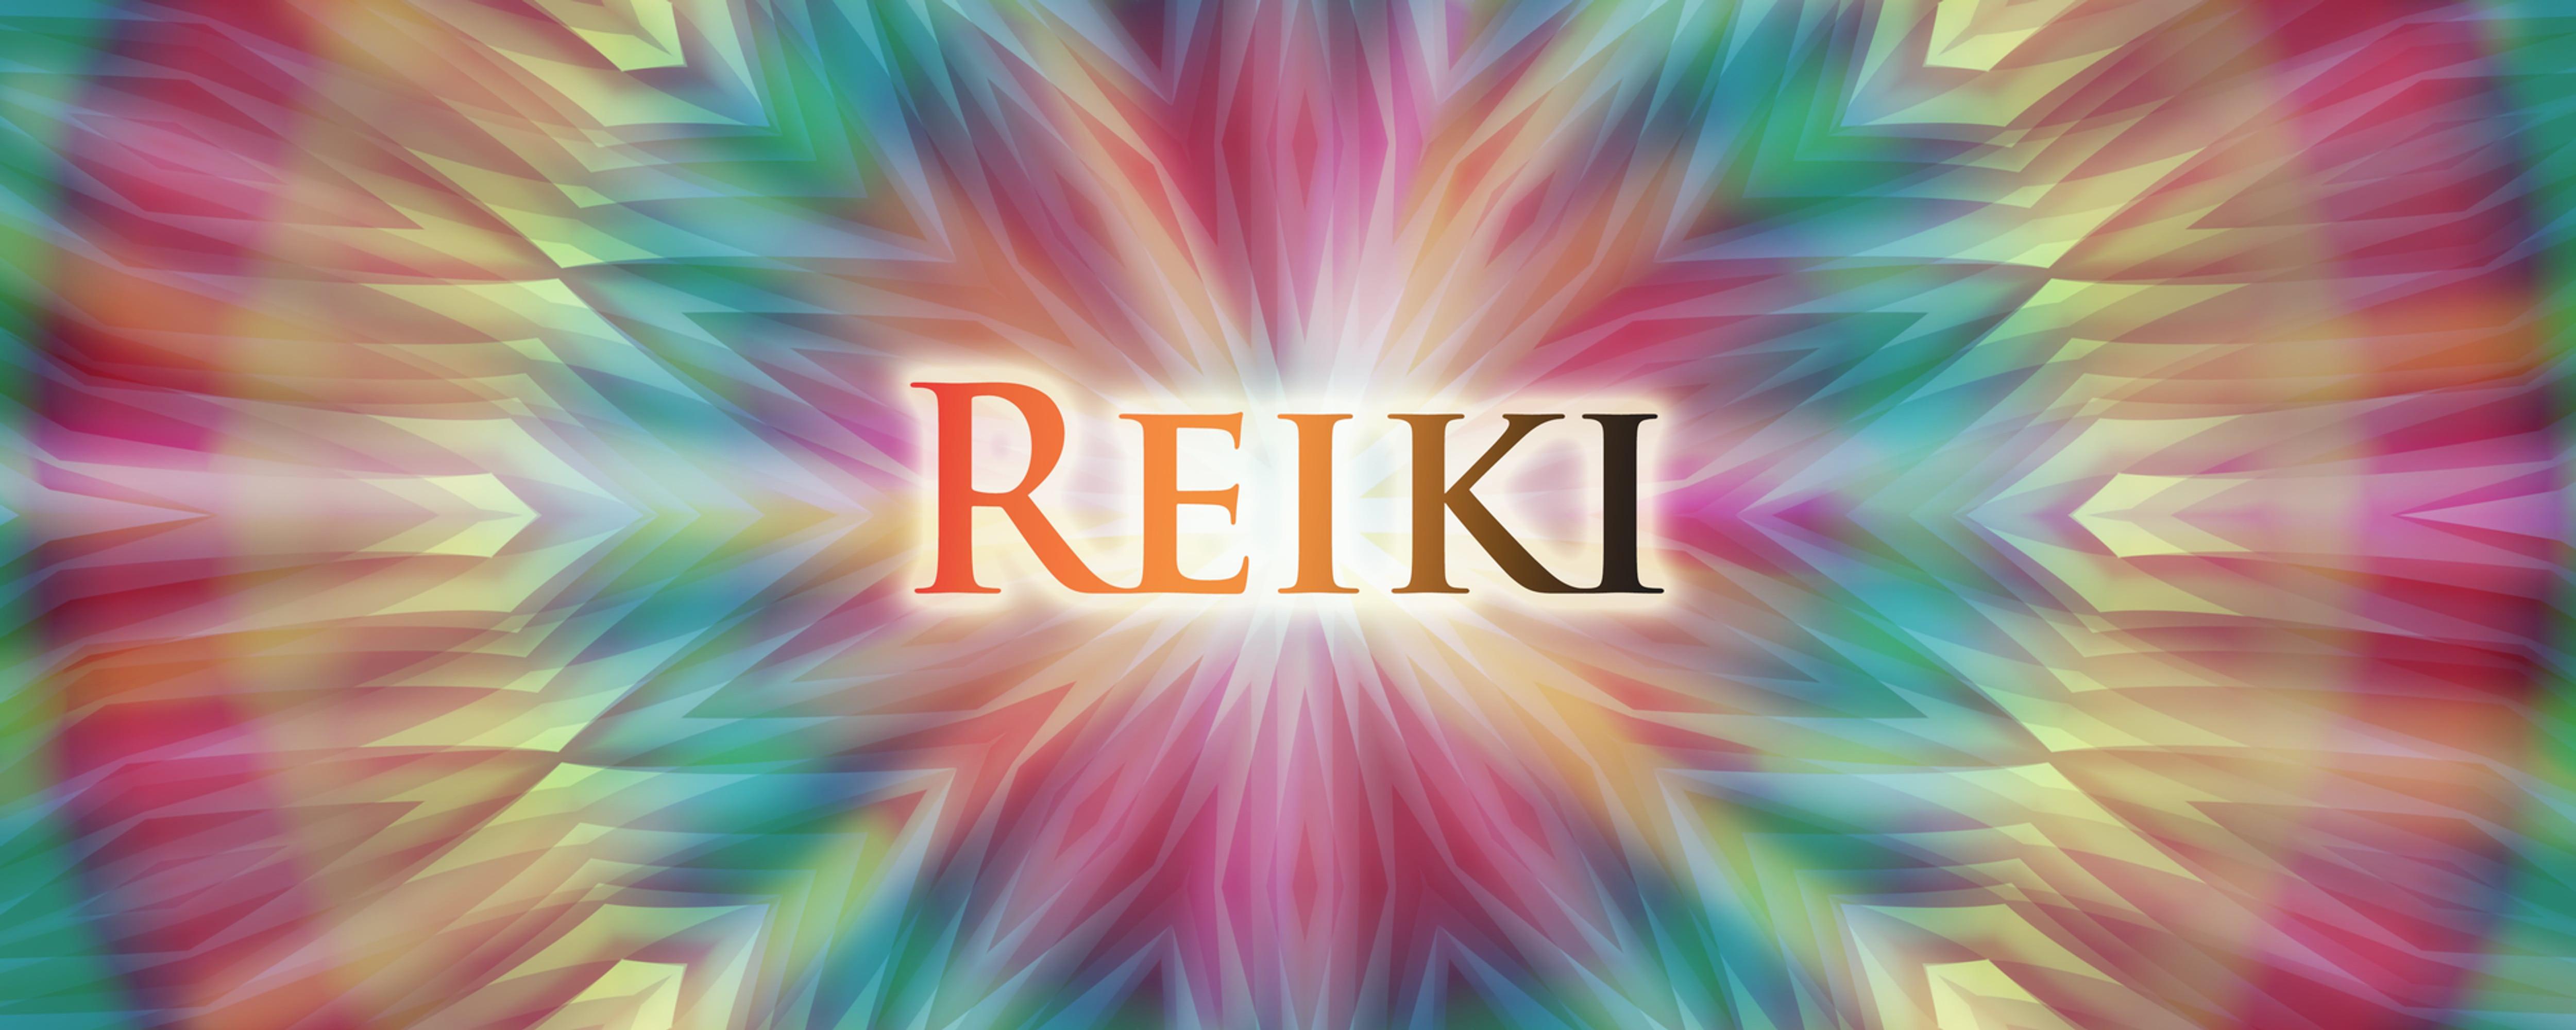 REIKI HEALING